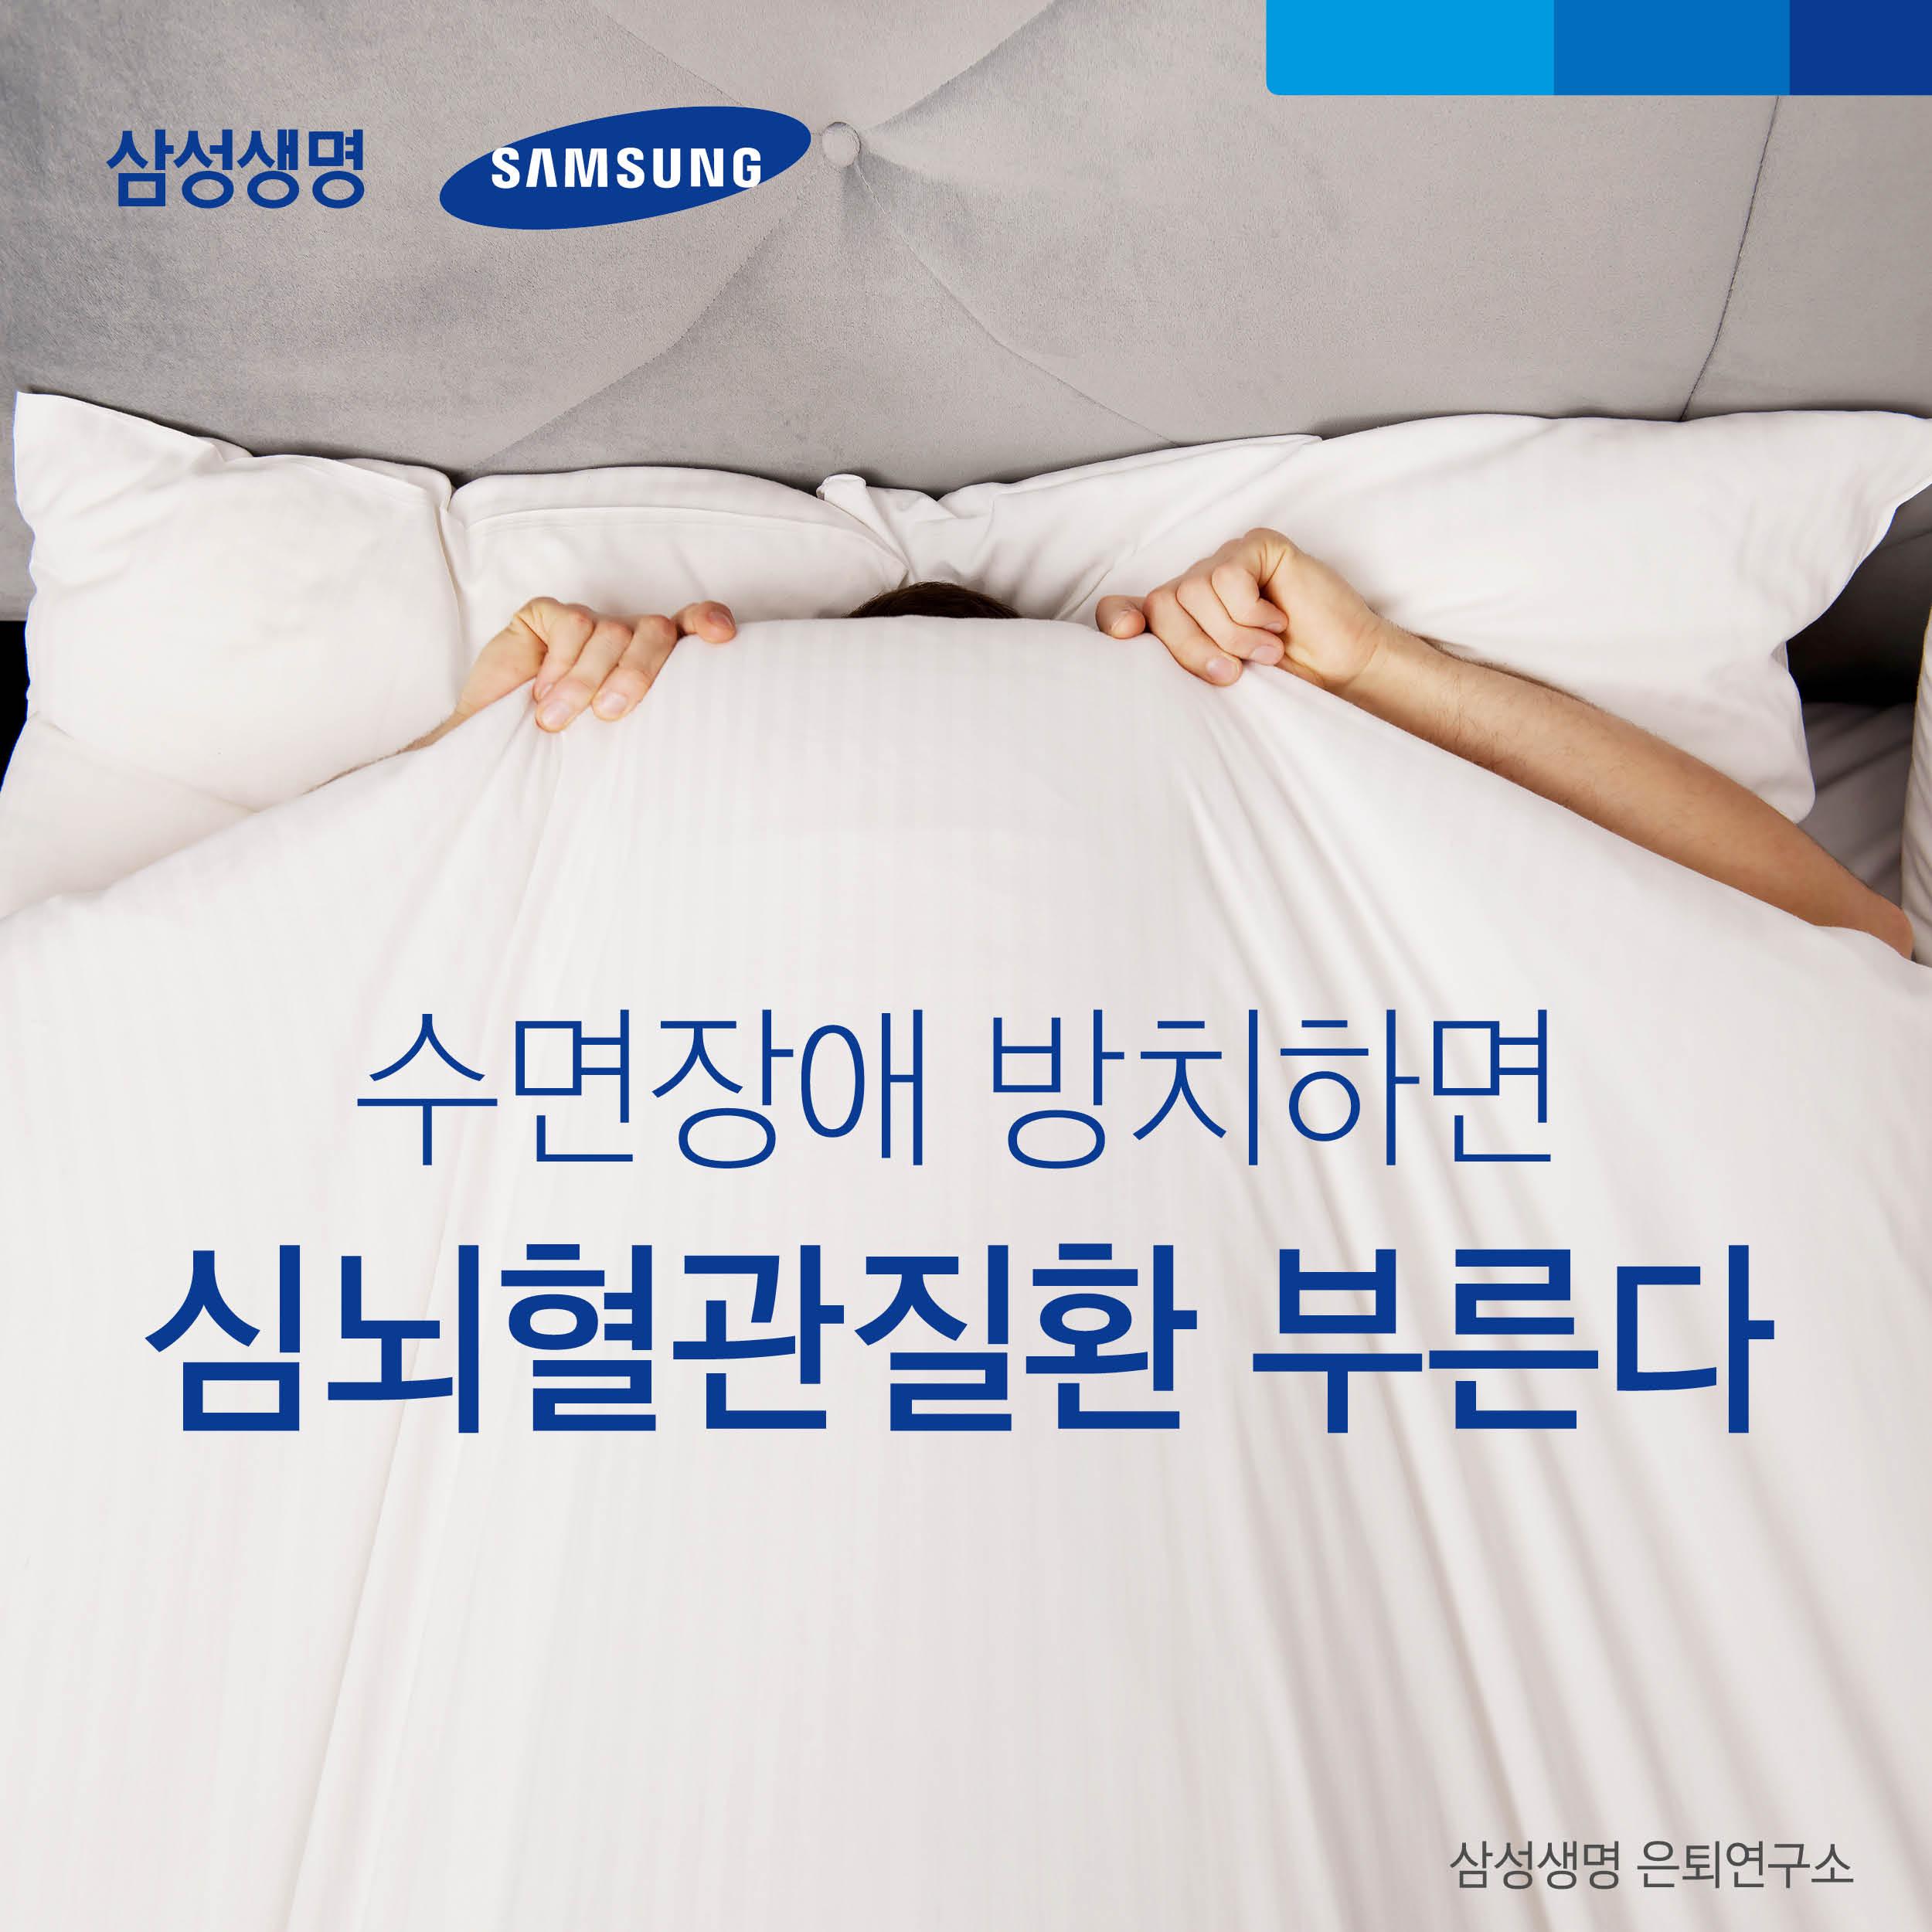 [삼성생명] 수면장애 방치하면 심뇌혈관질환 부른다